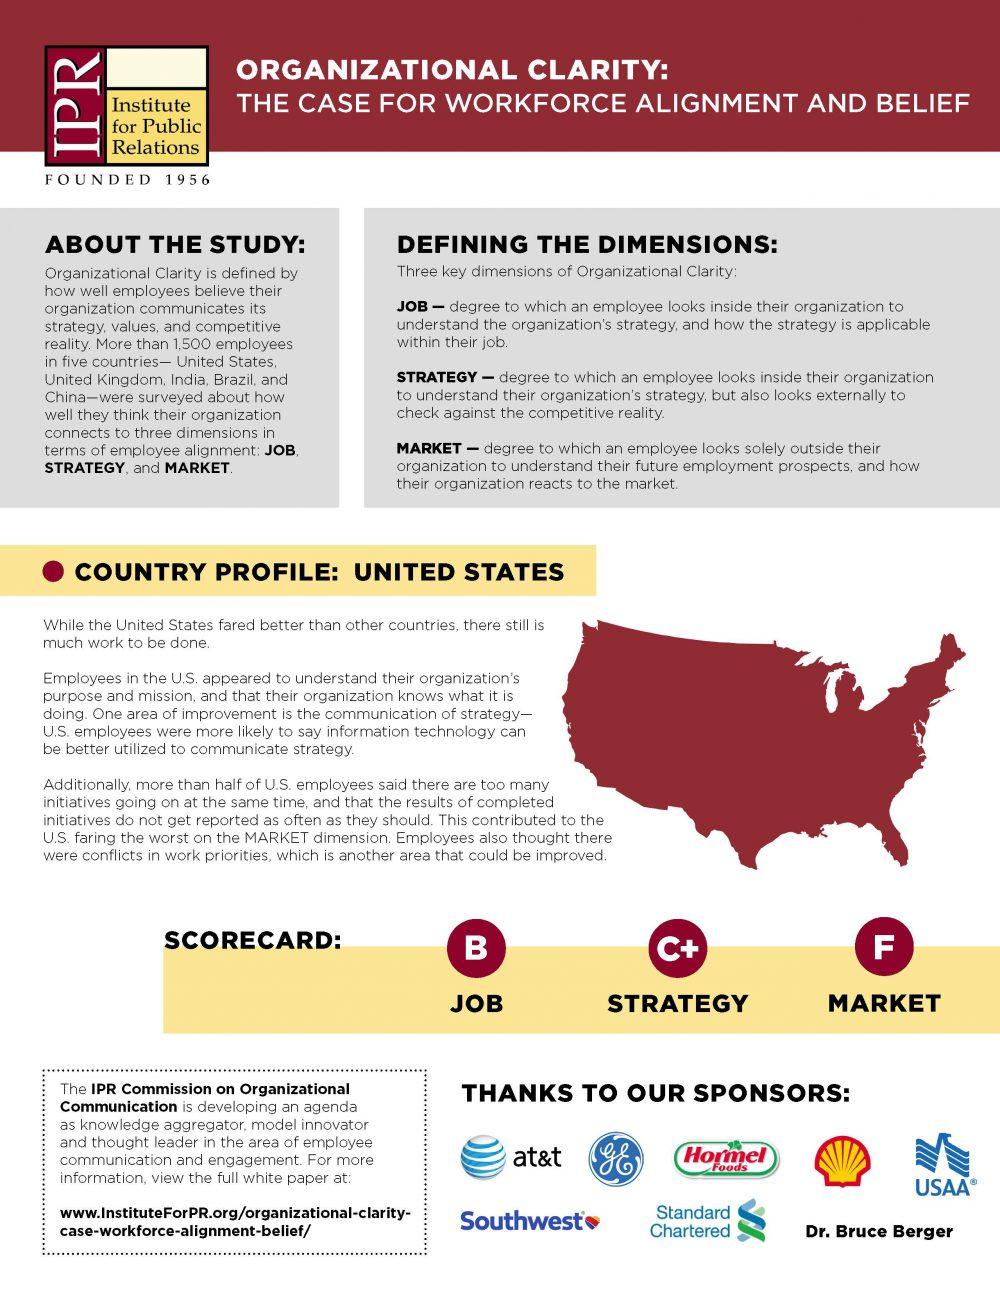 UnitedStates_OrganizationalClarity